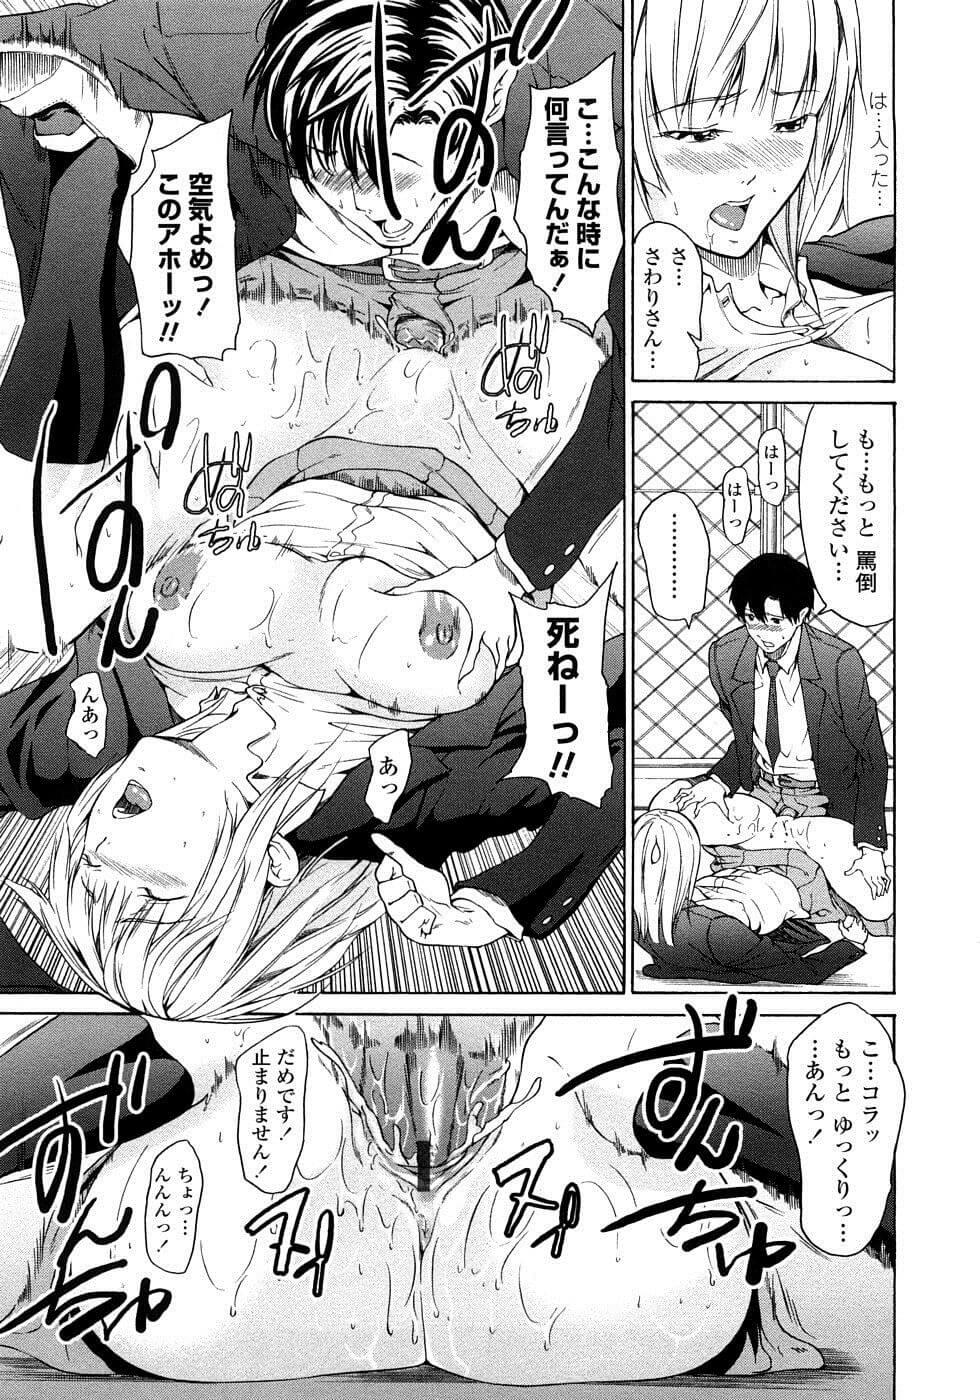 【エロ漫画】学校ではまわりの人間から怖がられているツンデレな不良JKは、最近ある男子から何度も付き合ってくれと告白されていて…【無料 エロ同人】 (13)